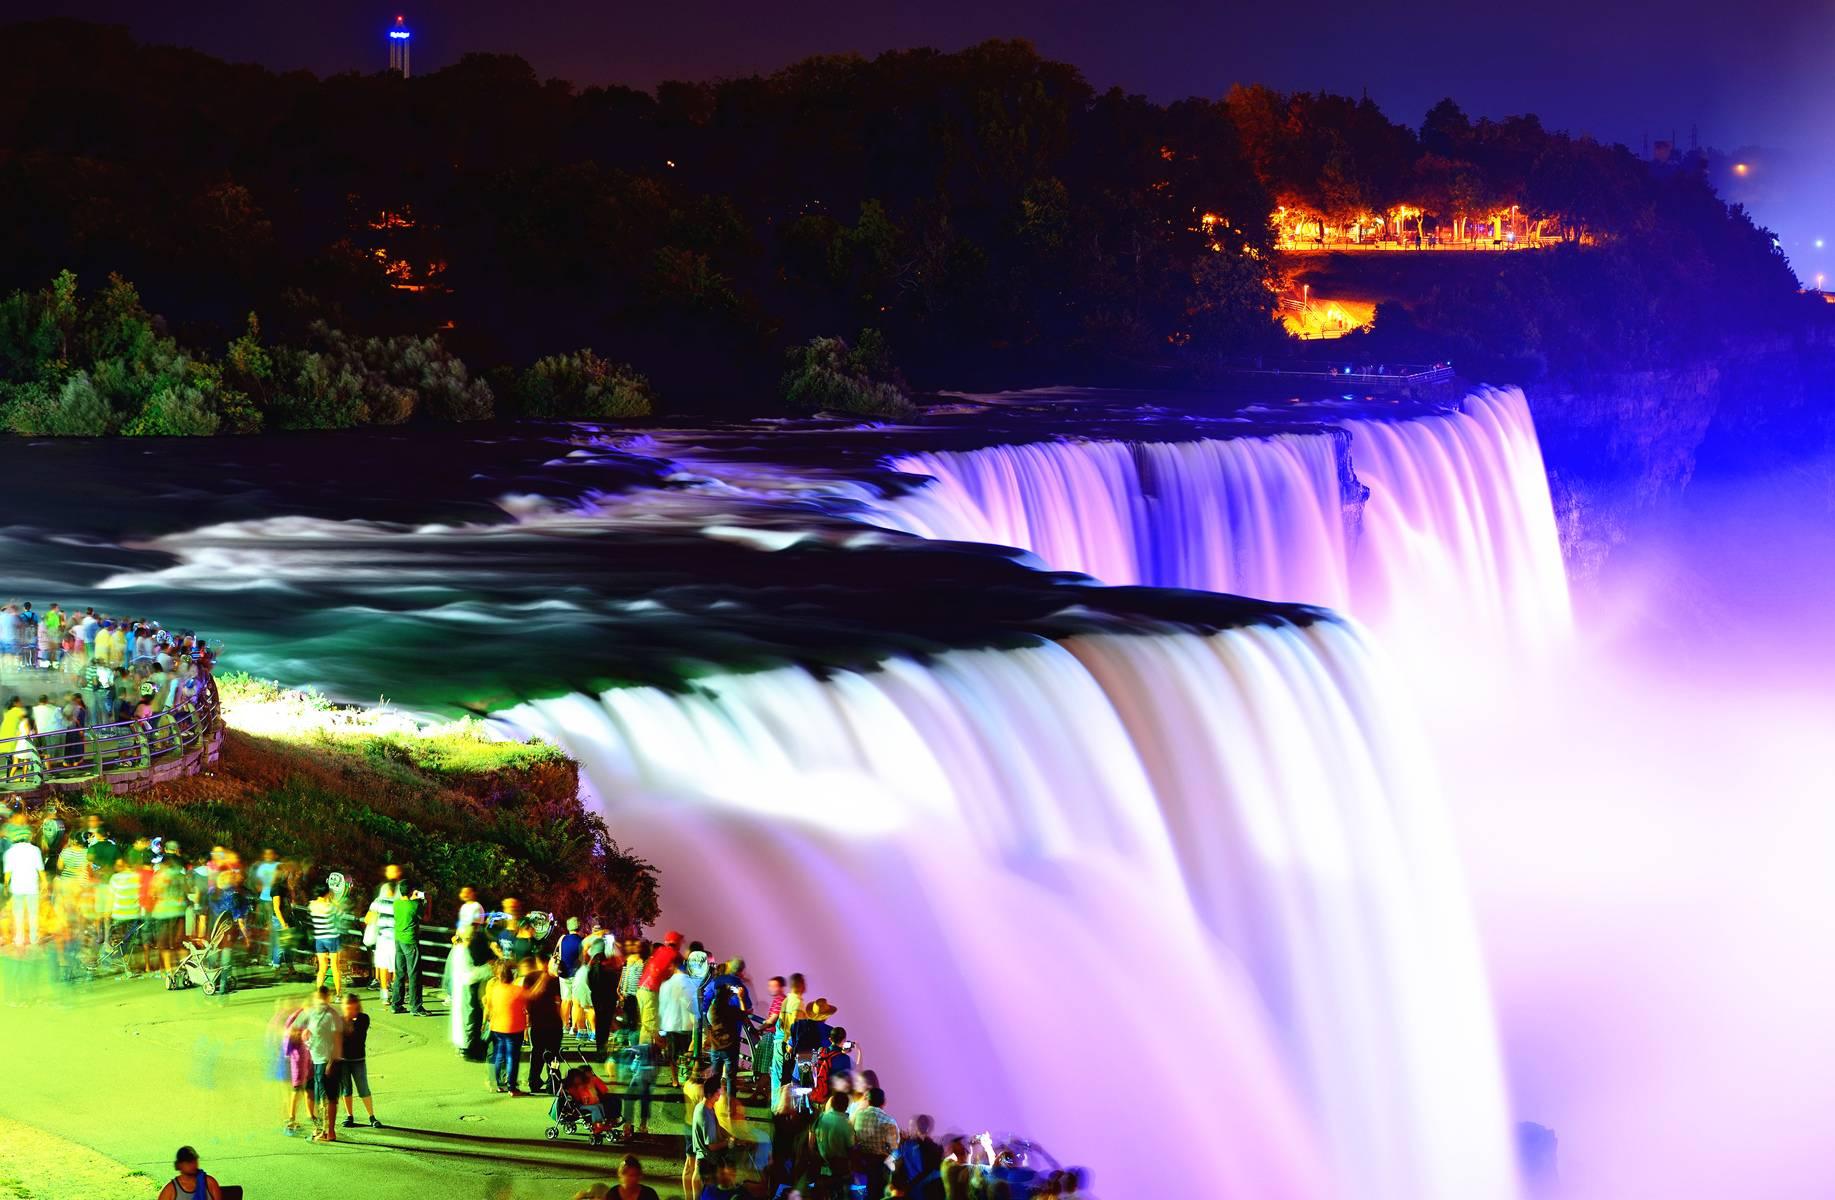 3-Day Niagara Falls, Watkins Glen, and Hershey's Chocolate Tour from Washington DC